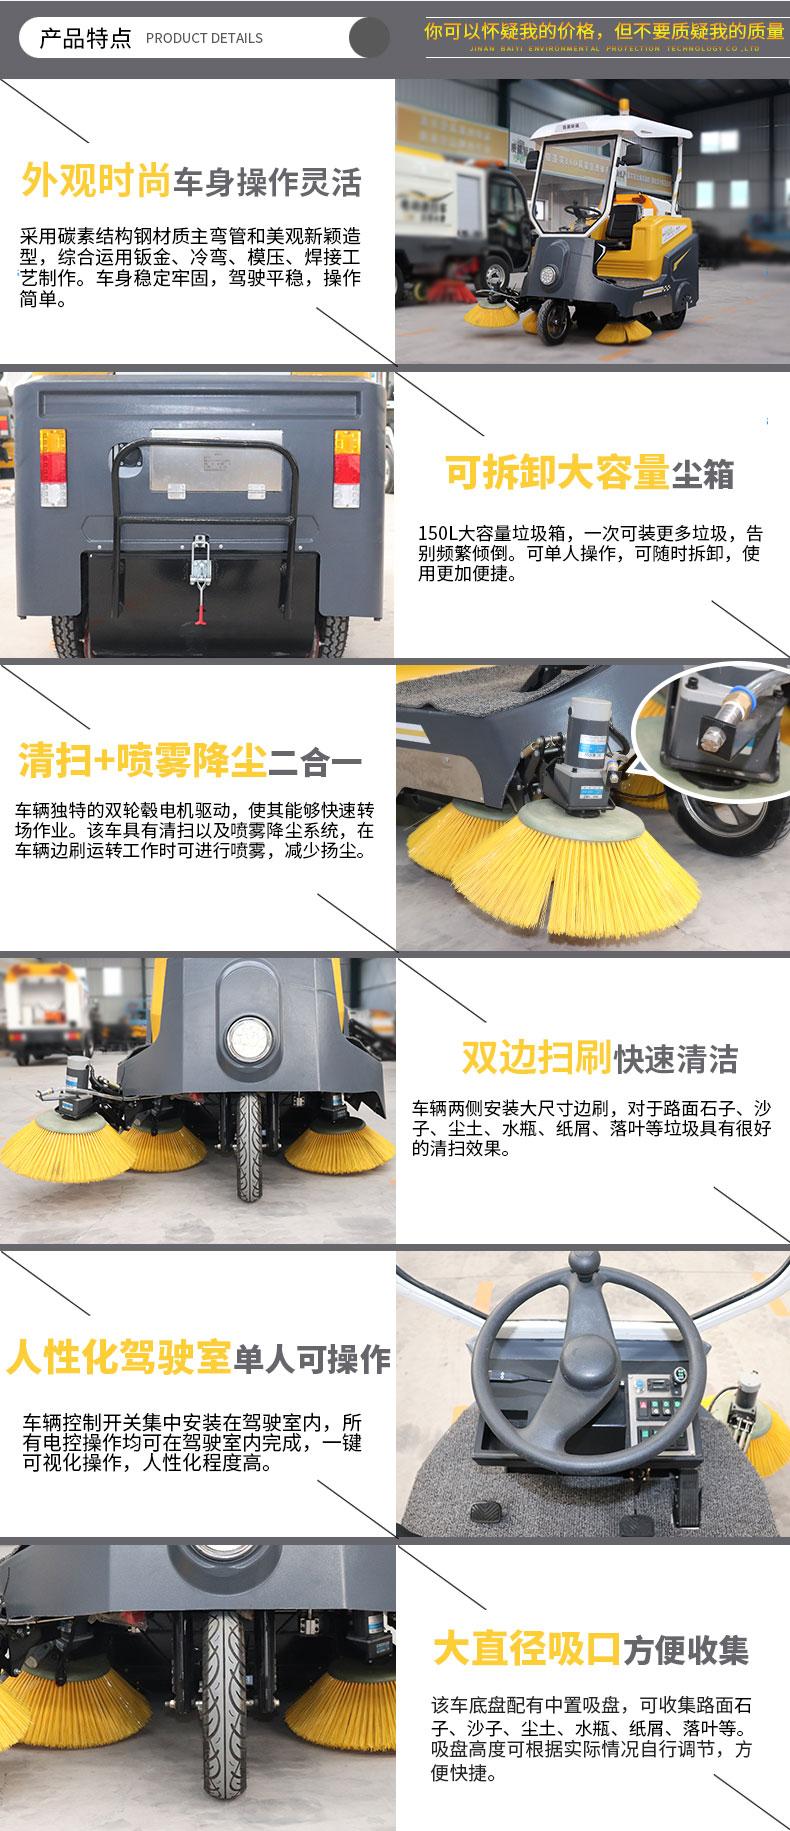 小型电动扫地车产品特点及优势